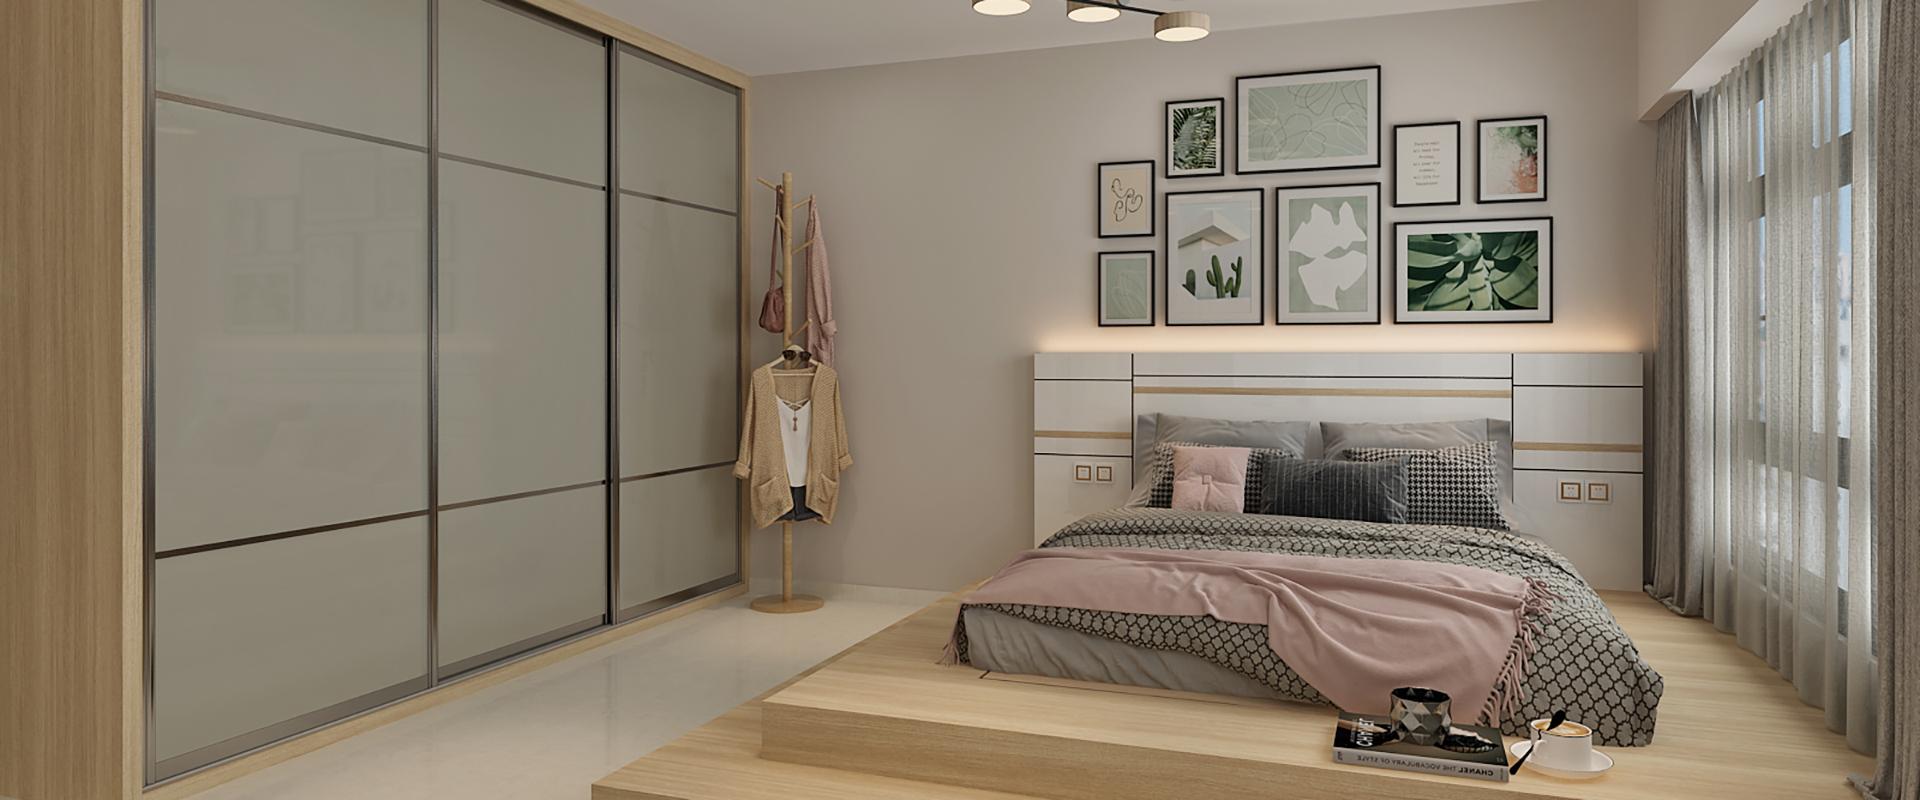 Eight Design Pte Ltd